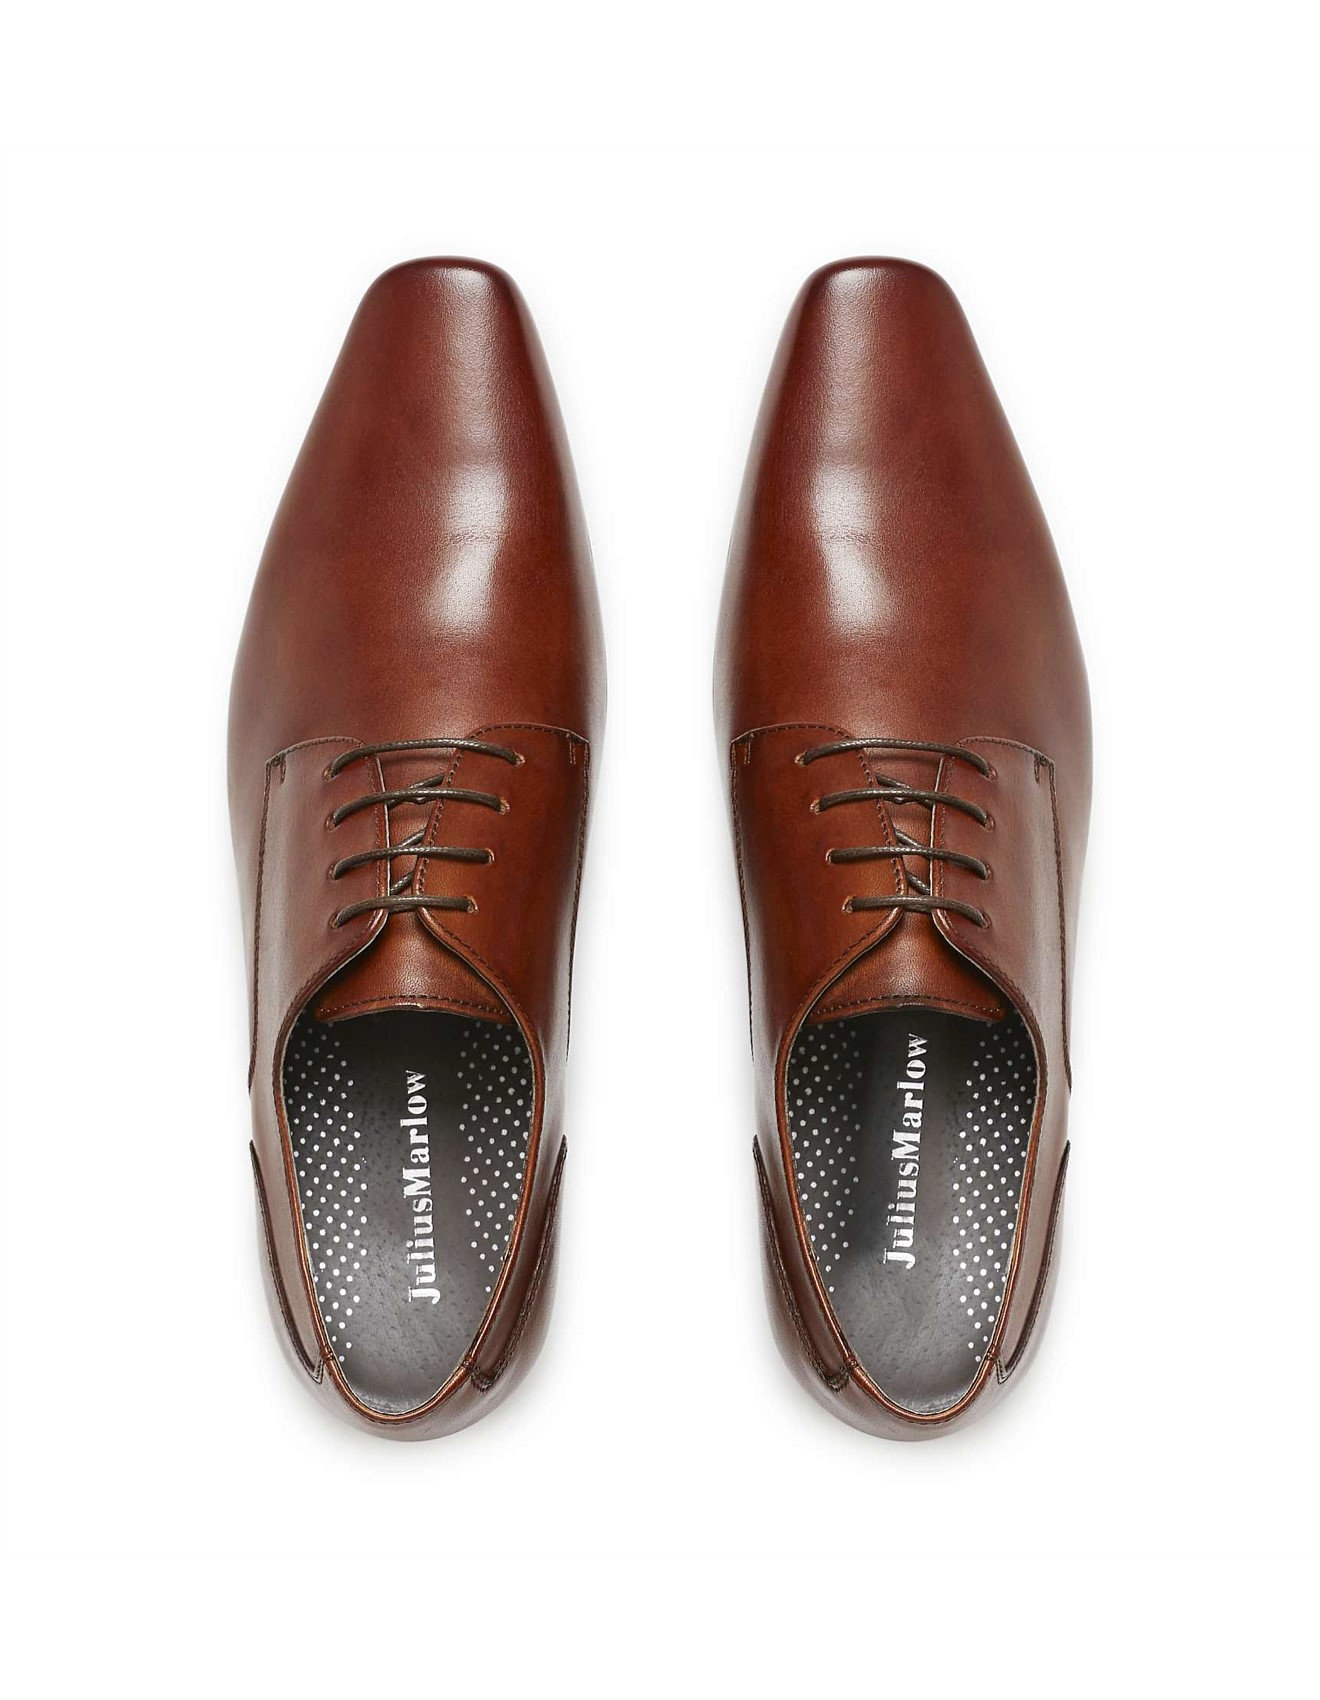 Julius Marlow Shoes Sale